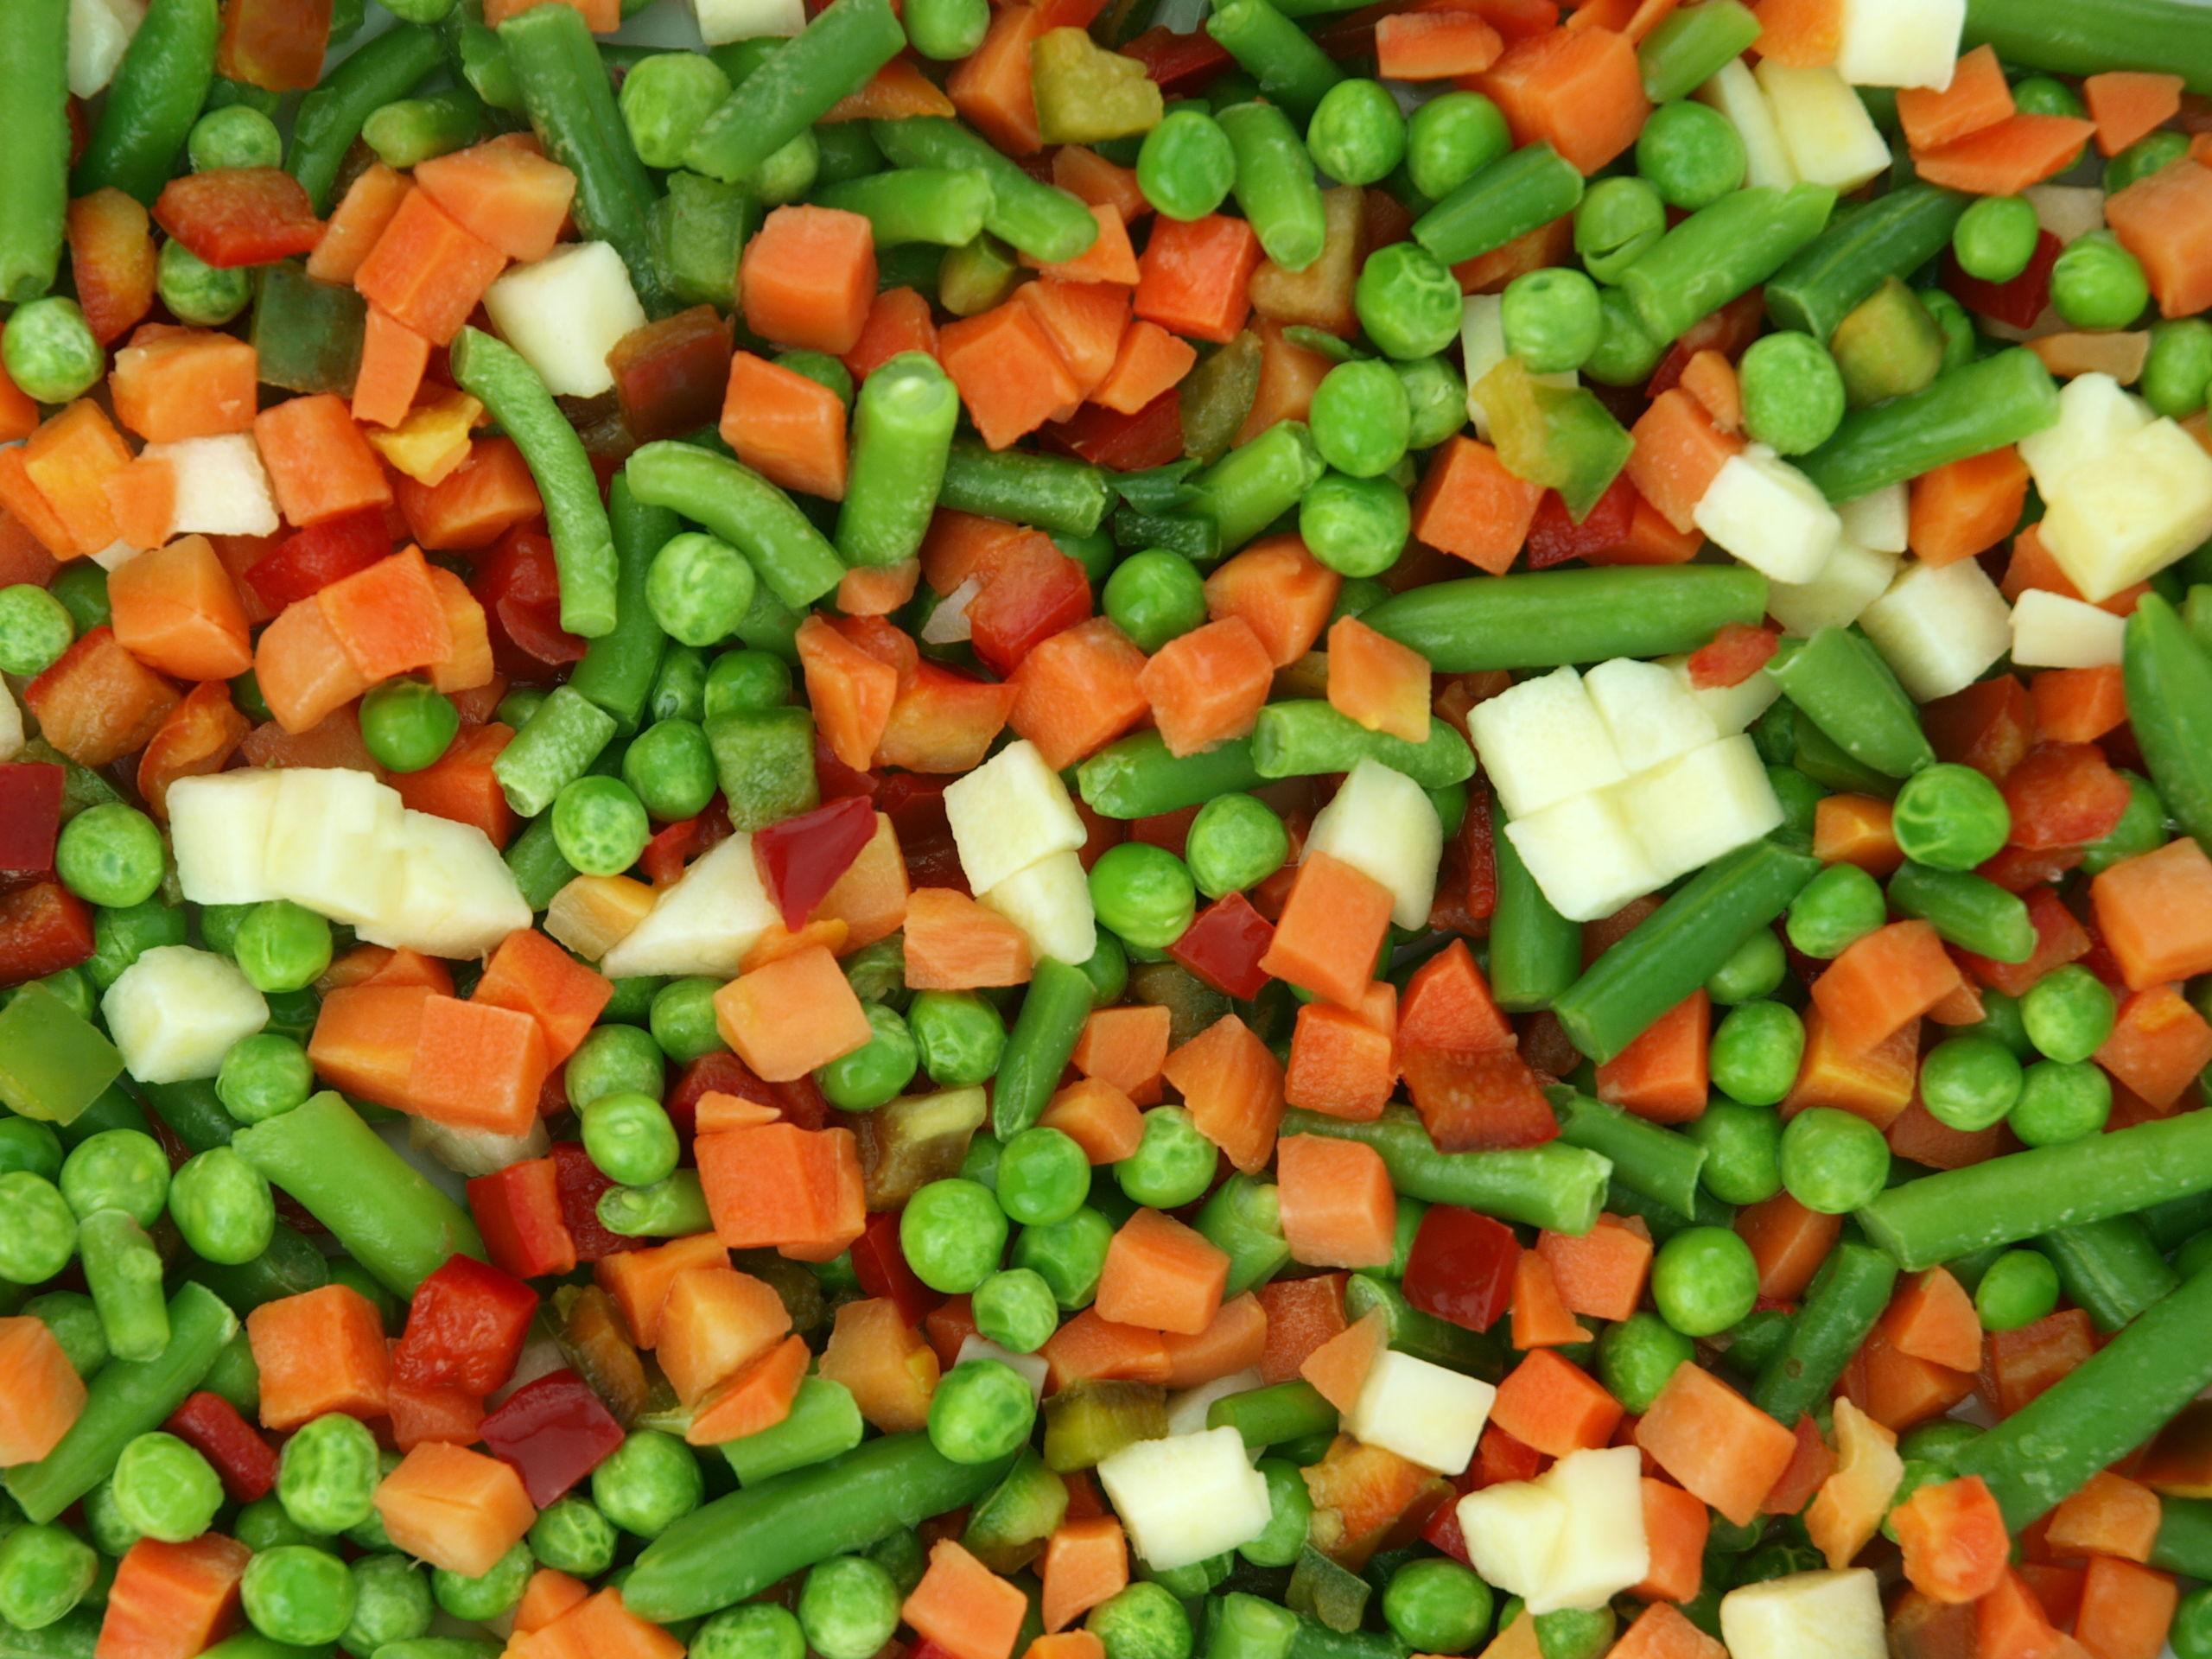 Macédoine de légumes en conserve